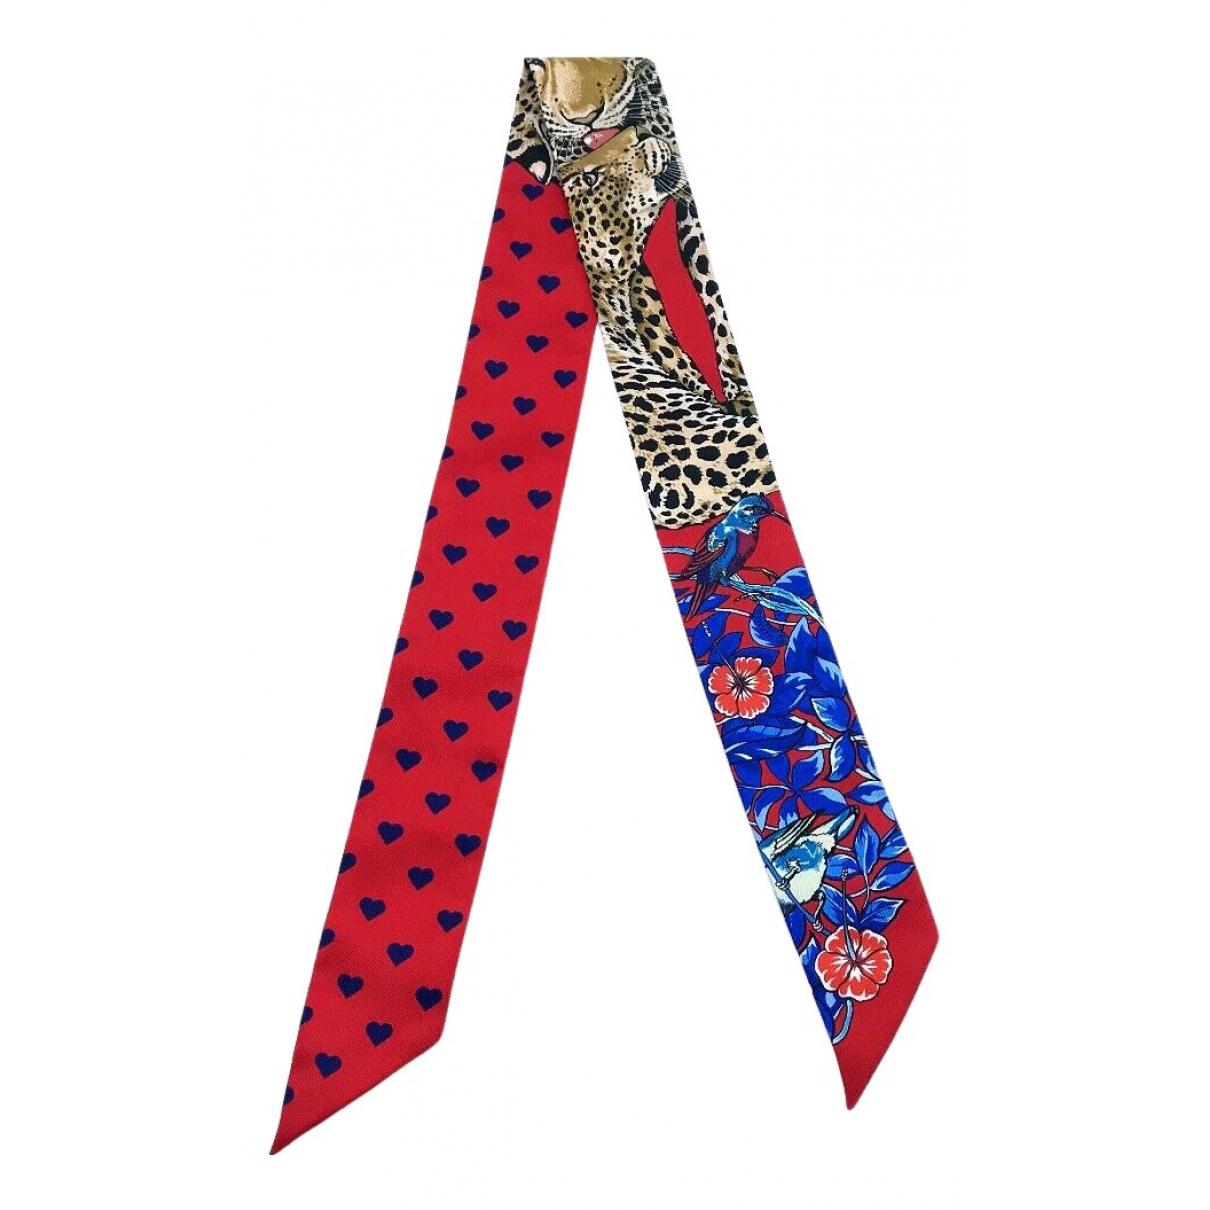 Hermes - Foulard Twilly 86 pour femme en soie - multicolore